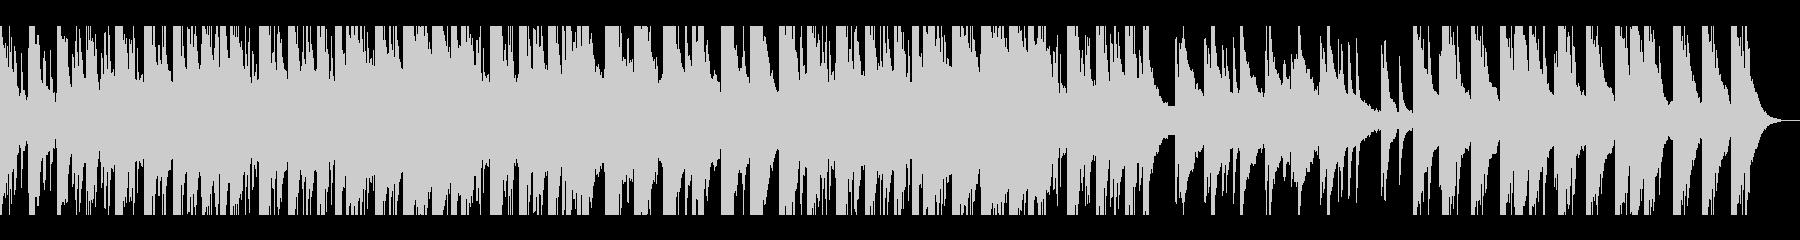 感動的なピアノ音楽の未再生の波形